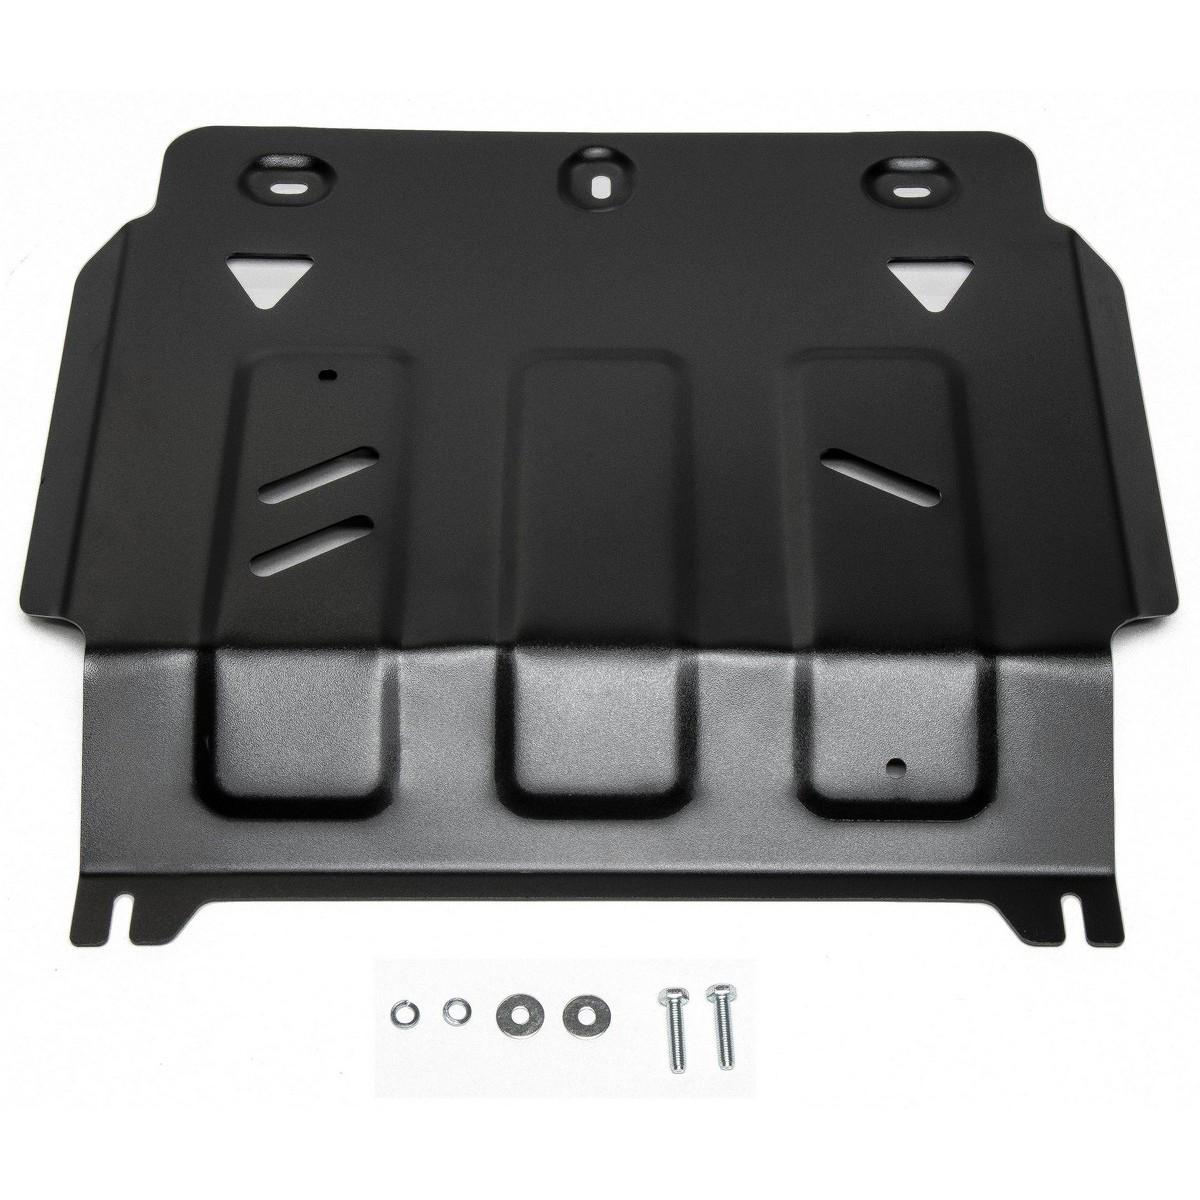 Купить Защита АвтоБРОНЯ для картера Fiat Fullback 2016- / Mitsubishi L200 2015- / Pajero Sport 2016-, сталь 2 мм, крепеж в комплекте. 111.04041.1, Автоброня